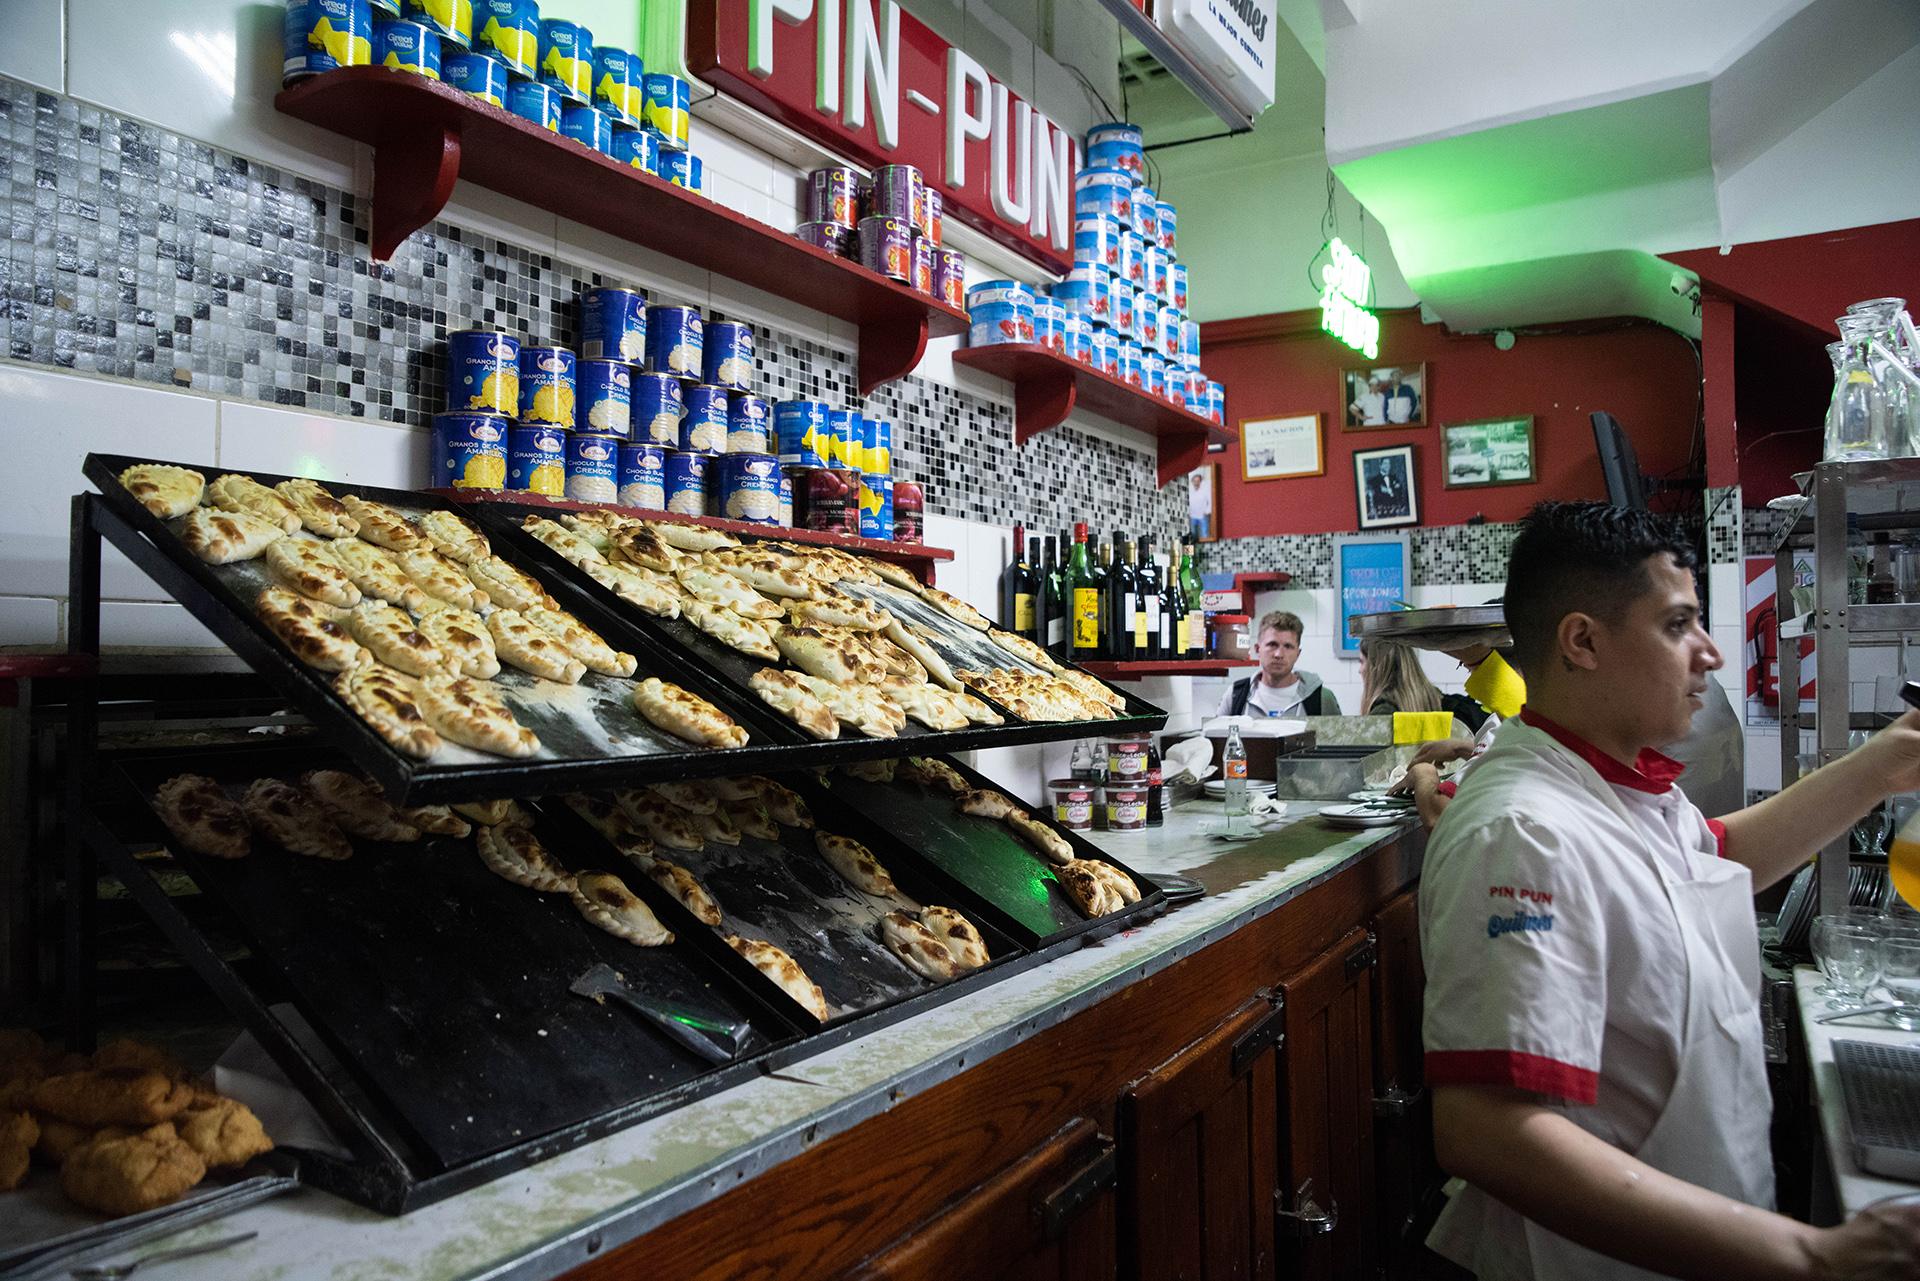 En Pin Pun, desde que comenzaron, la especialidad son las empanadas. Sin embargo, recibieron varios premios por sus exquisitas pizzas. A pesar de tener opciones de empanadas fritas también tienen al horno